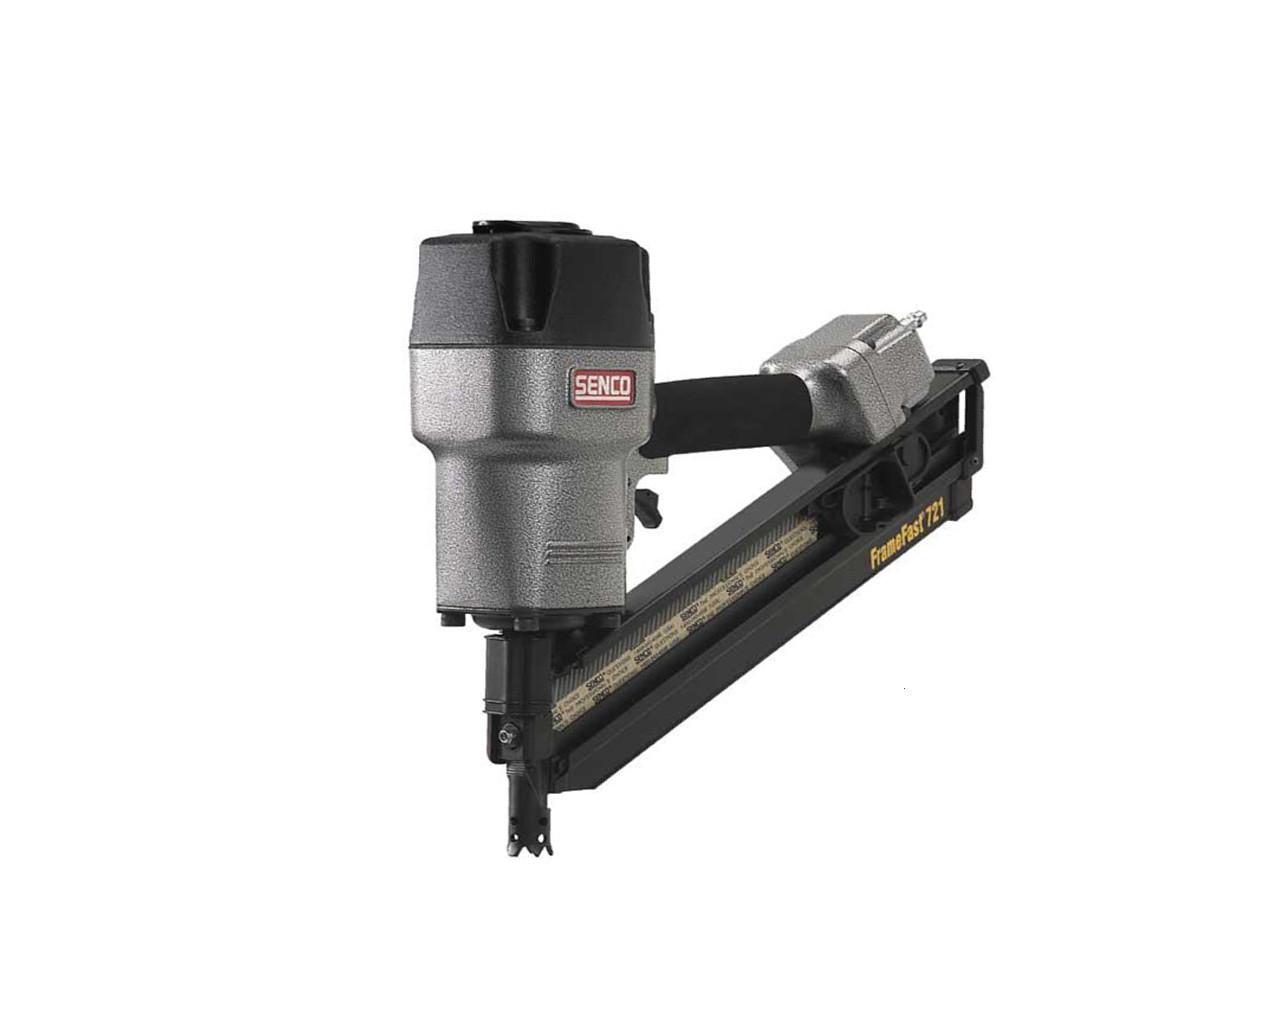 Senco SN721 Pneumatic Framing Nail Gun